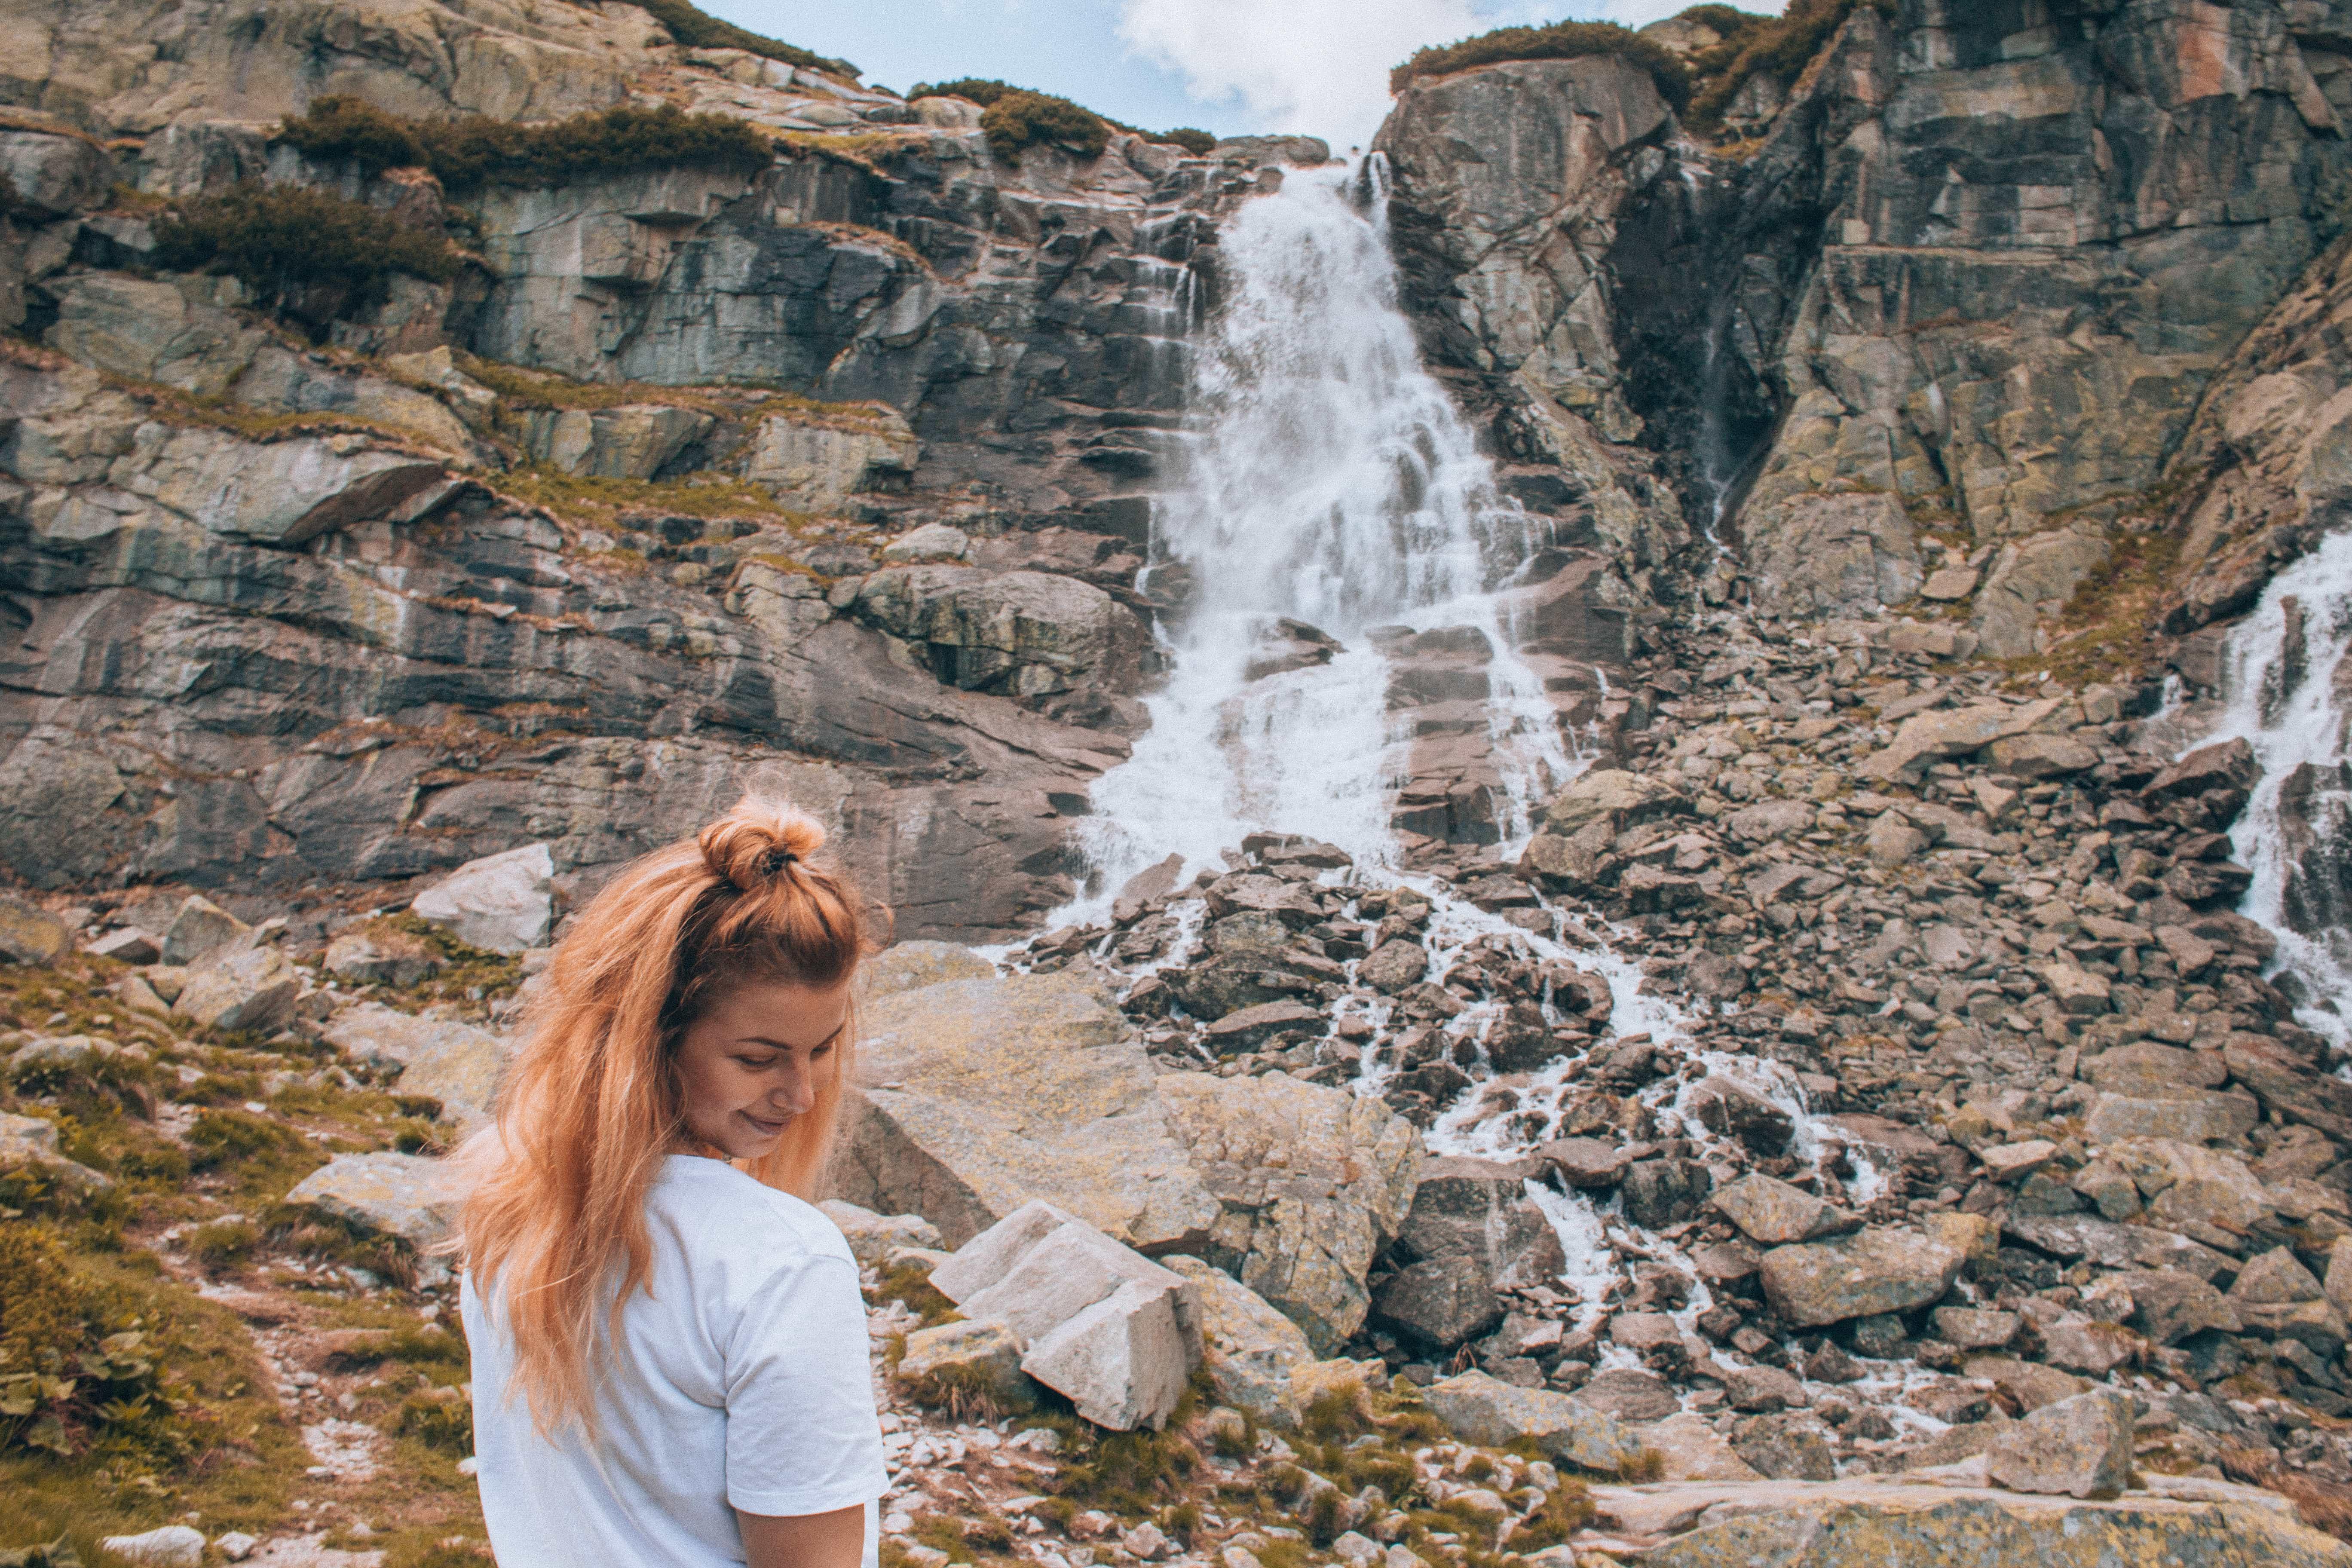 Luci taky chtěla fotku s vodopádem, ale už to není úplně státnické :D